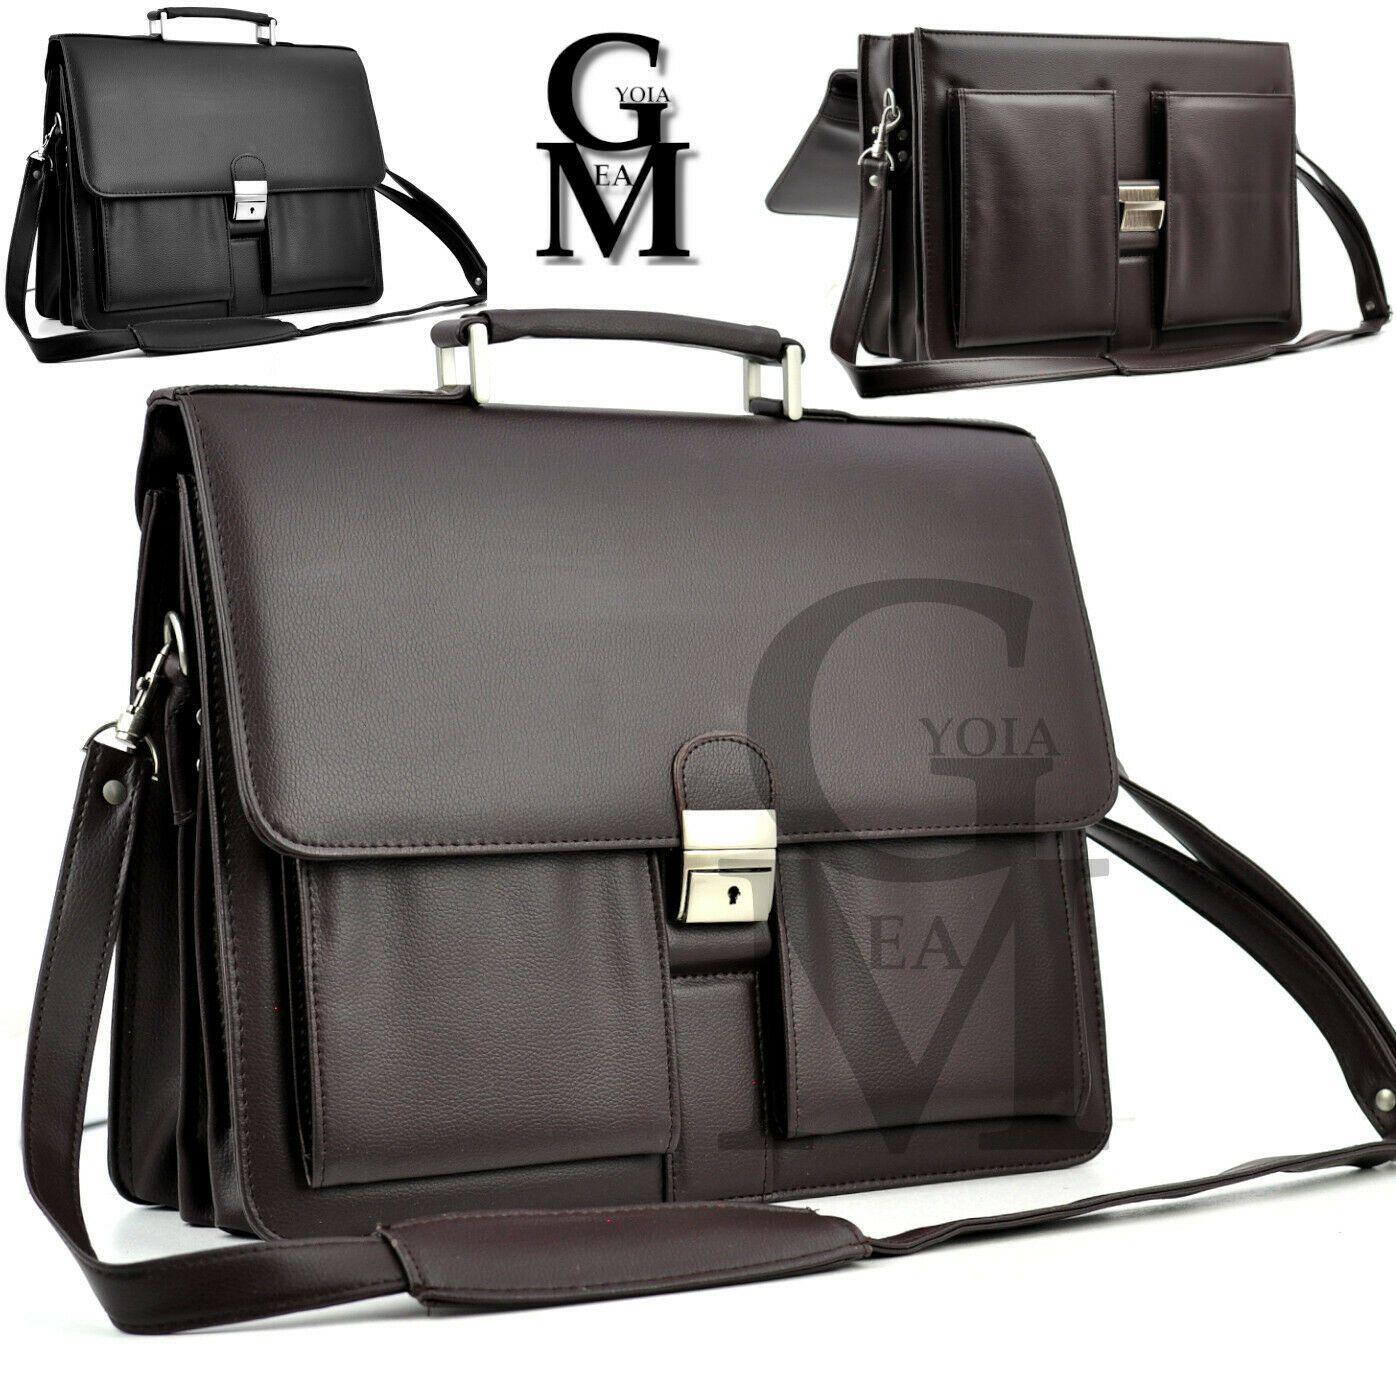 GM Vintage Man Bag Leather Office Shoulder Bag Pc Folder Ipad Doctor Work DOCTOR CASE 24H RIGID LEATHER